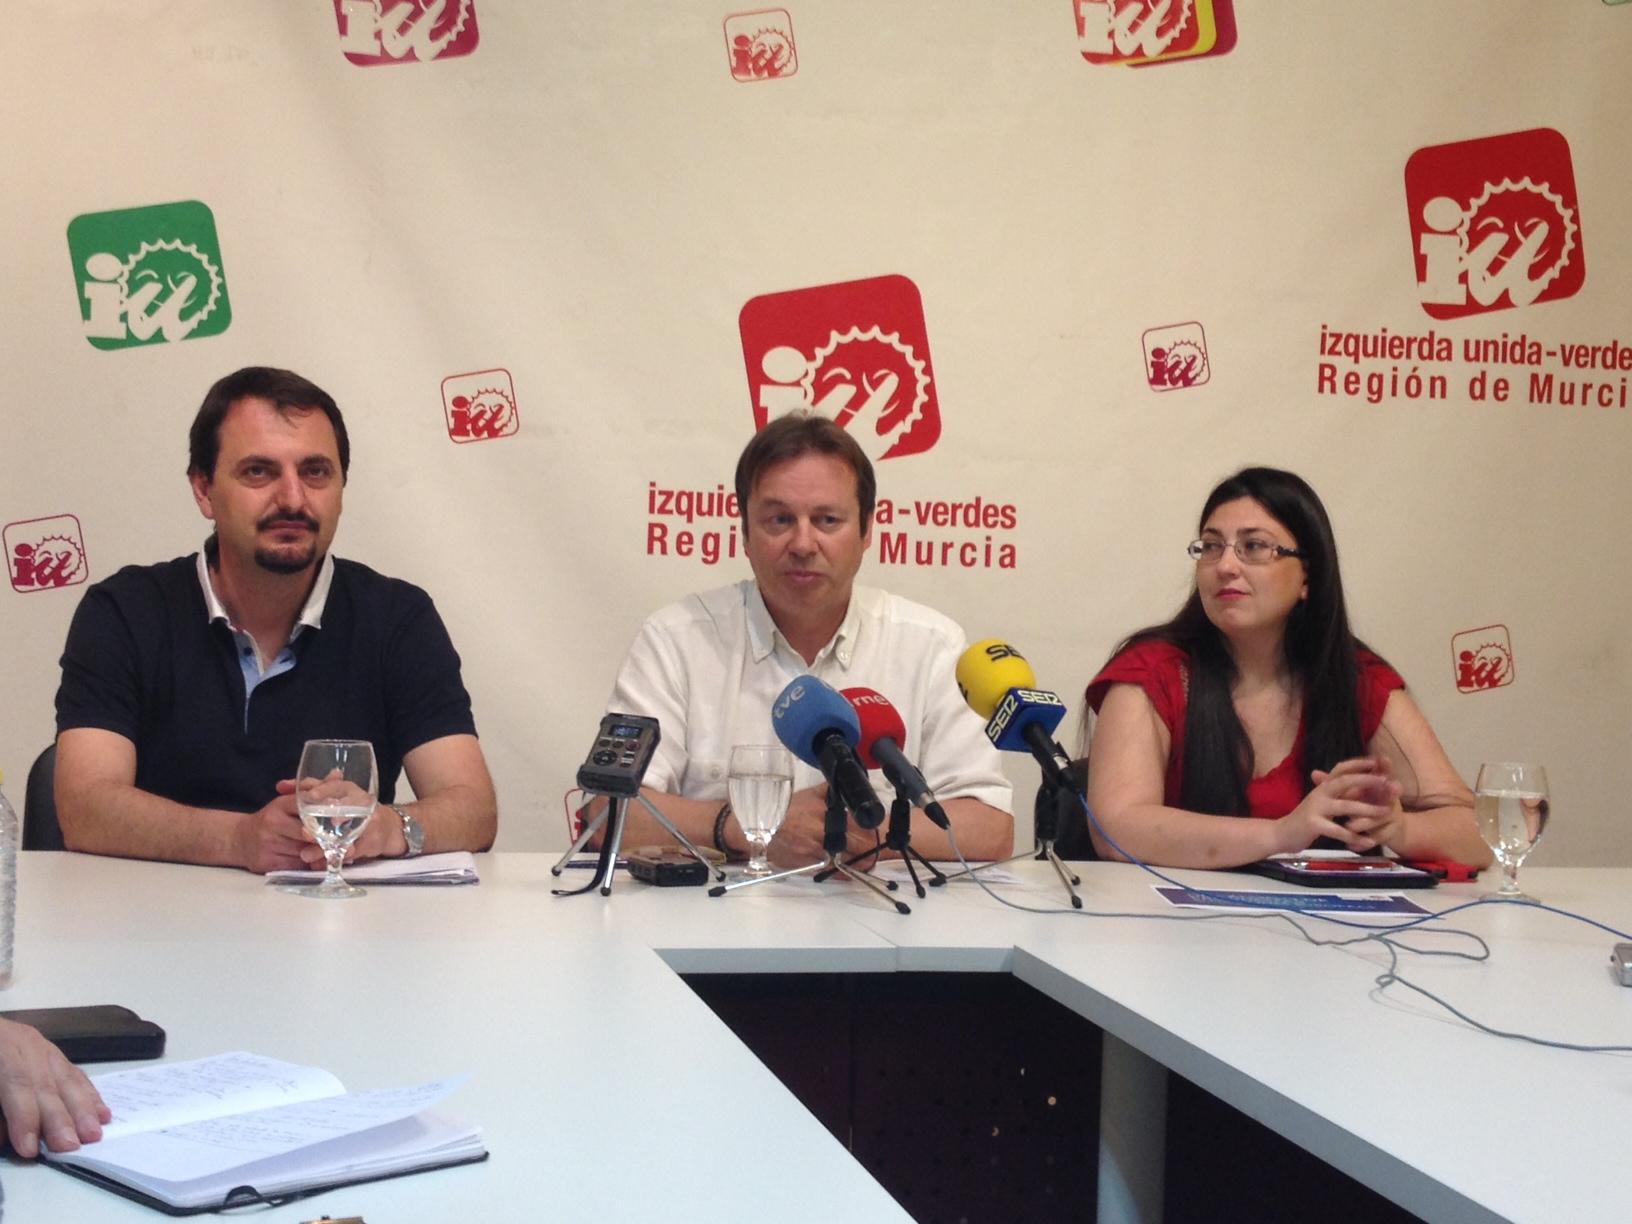 Apoyo de IU-Verdes a la Europa Social en la región de Murcia